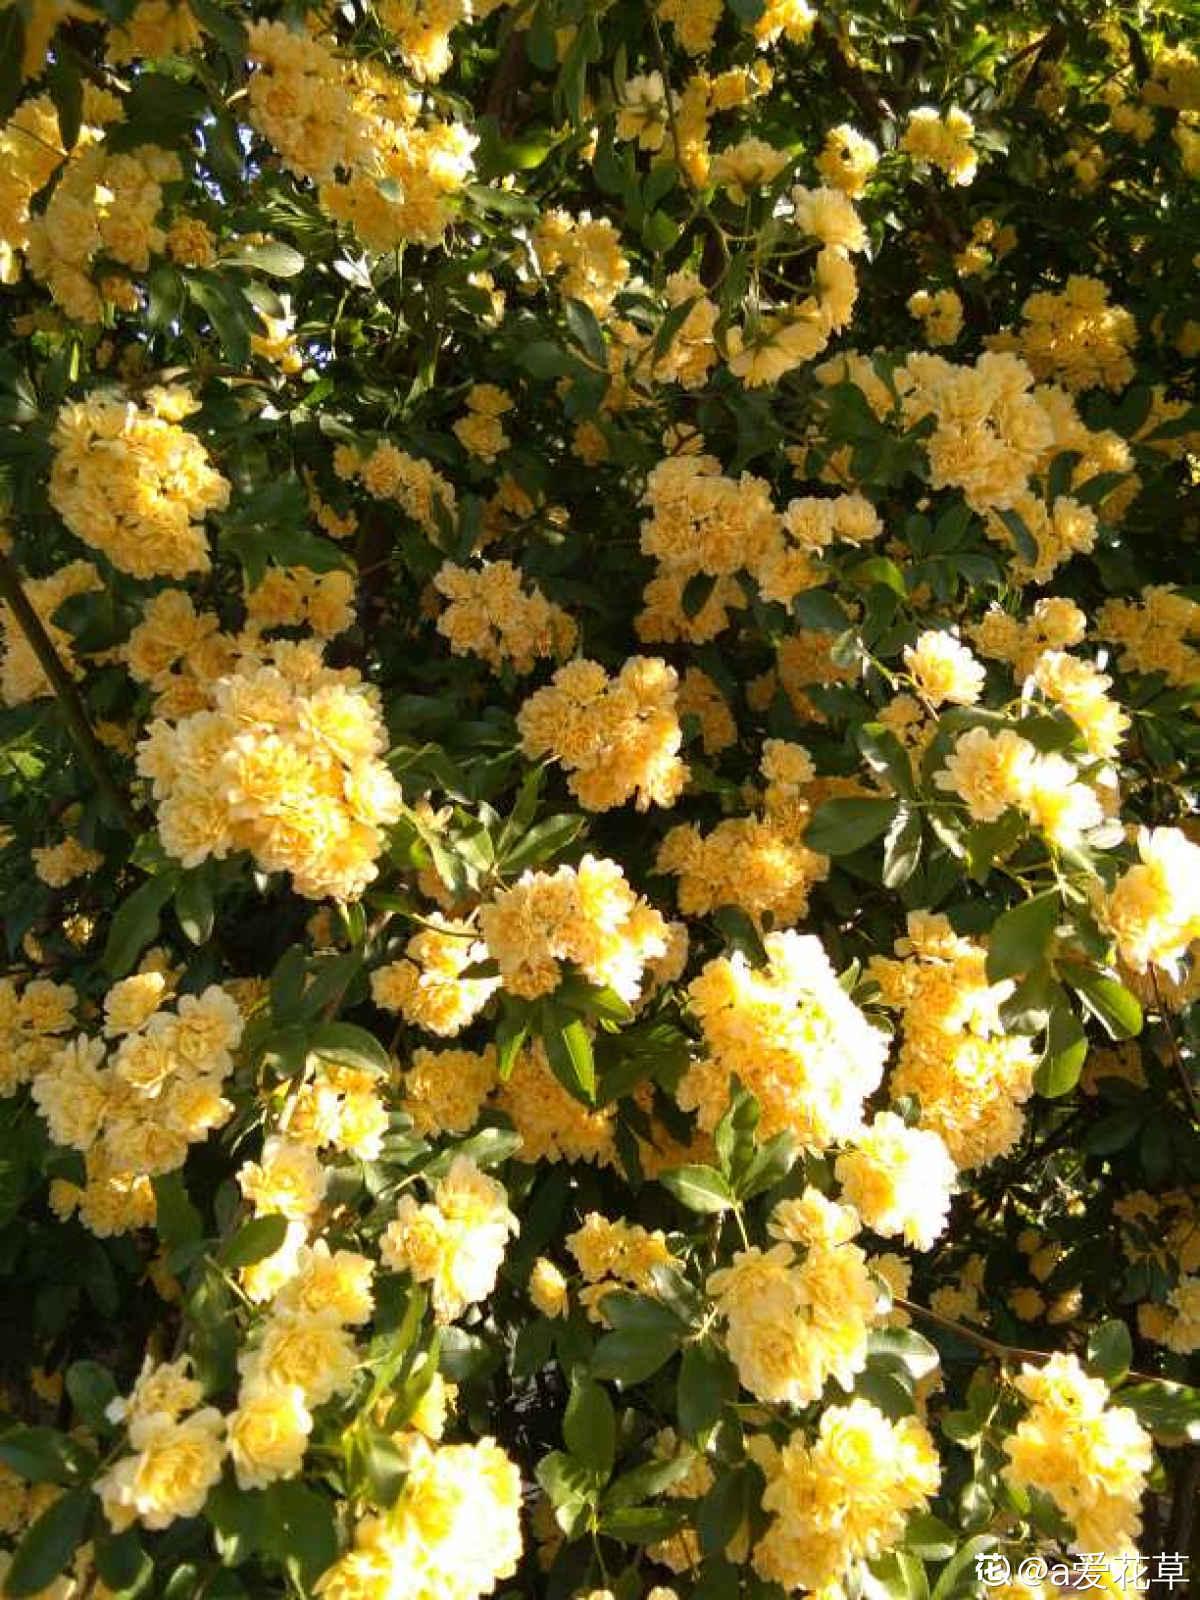 黄色木香花精美图片